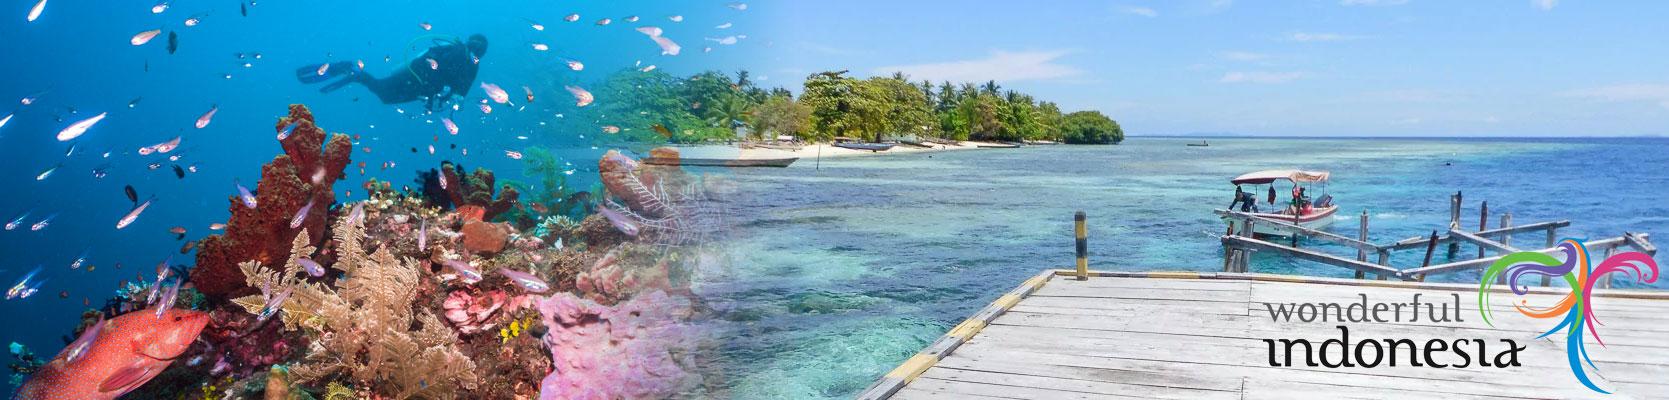 Indonesia underwater photography